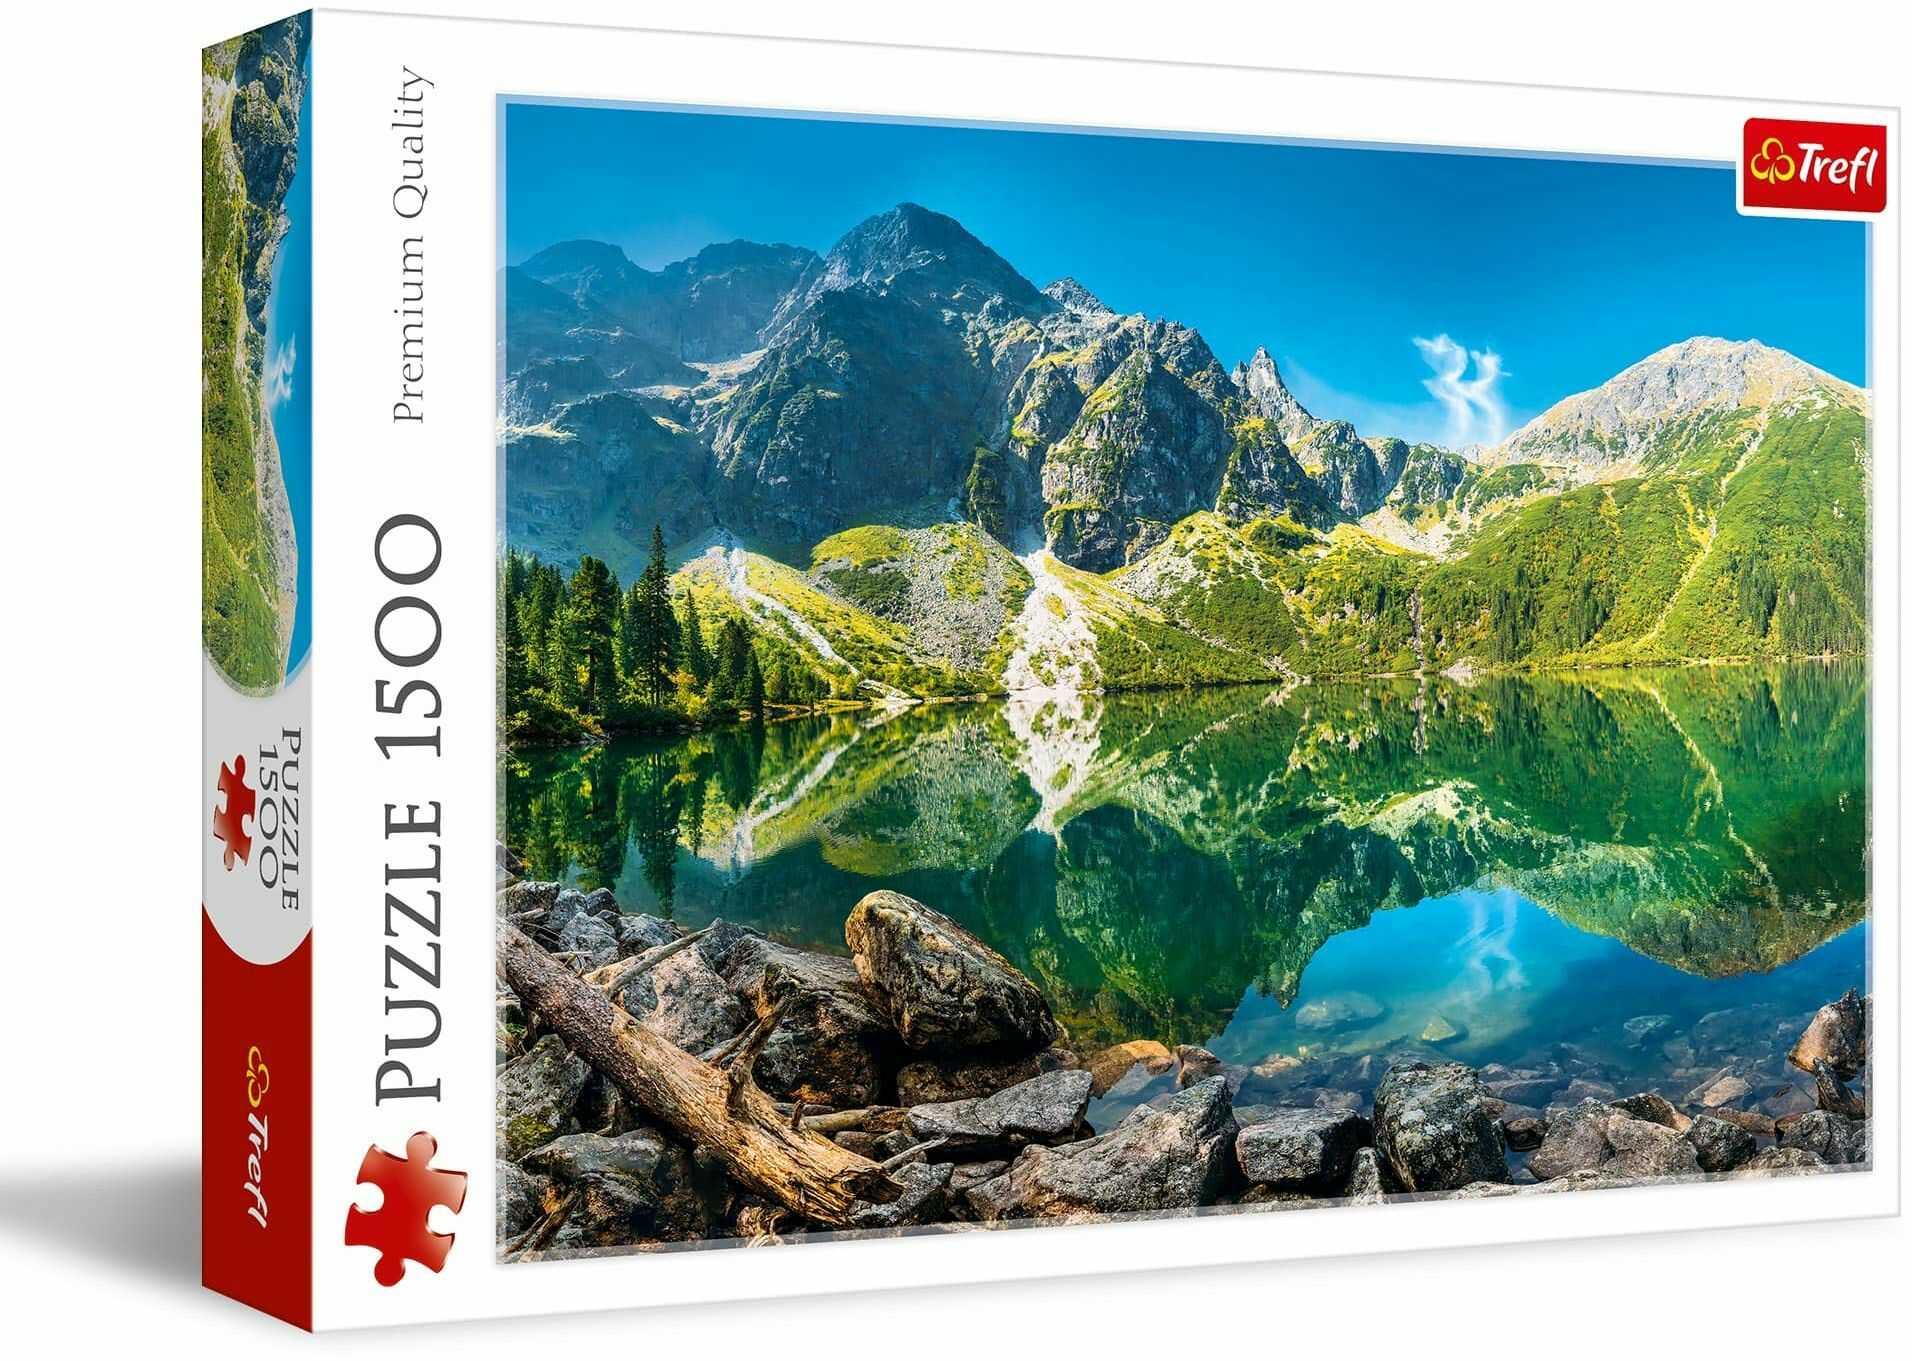 Trefl Jezioro Morskie Oko, Tatry, Polska Puzzle 1500 Elementów o Wysokiej Jakości Nadruku dla Dorosłych i Dzieci od 12 lat